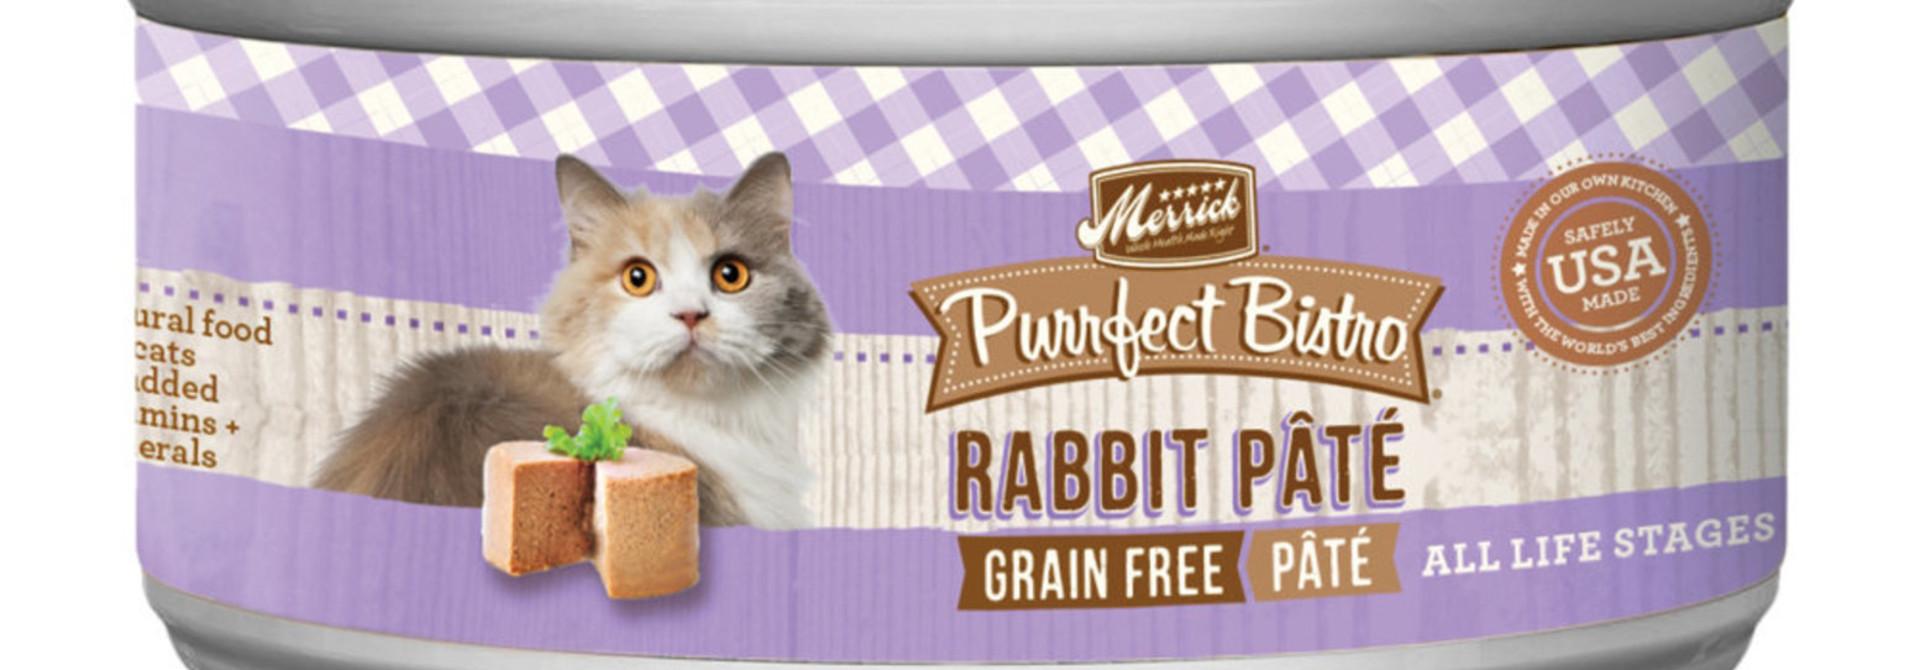 Rabbit Pate 5.5OZ Cat